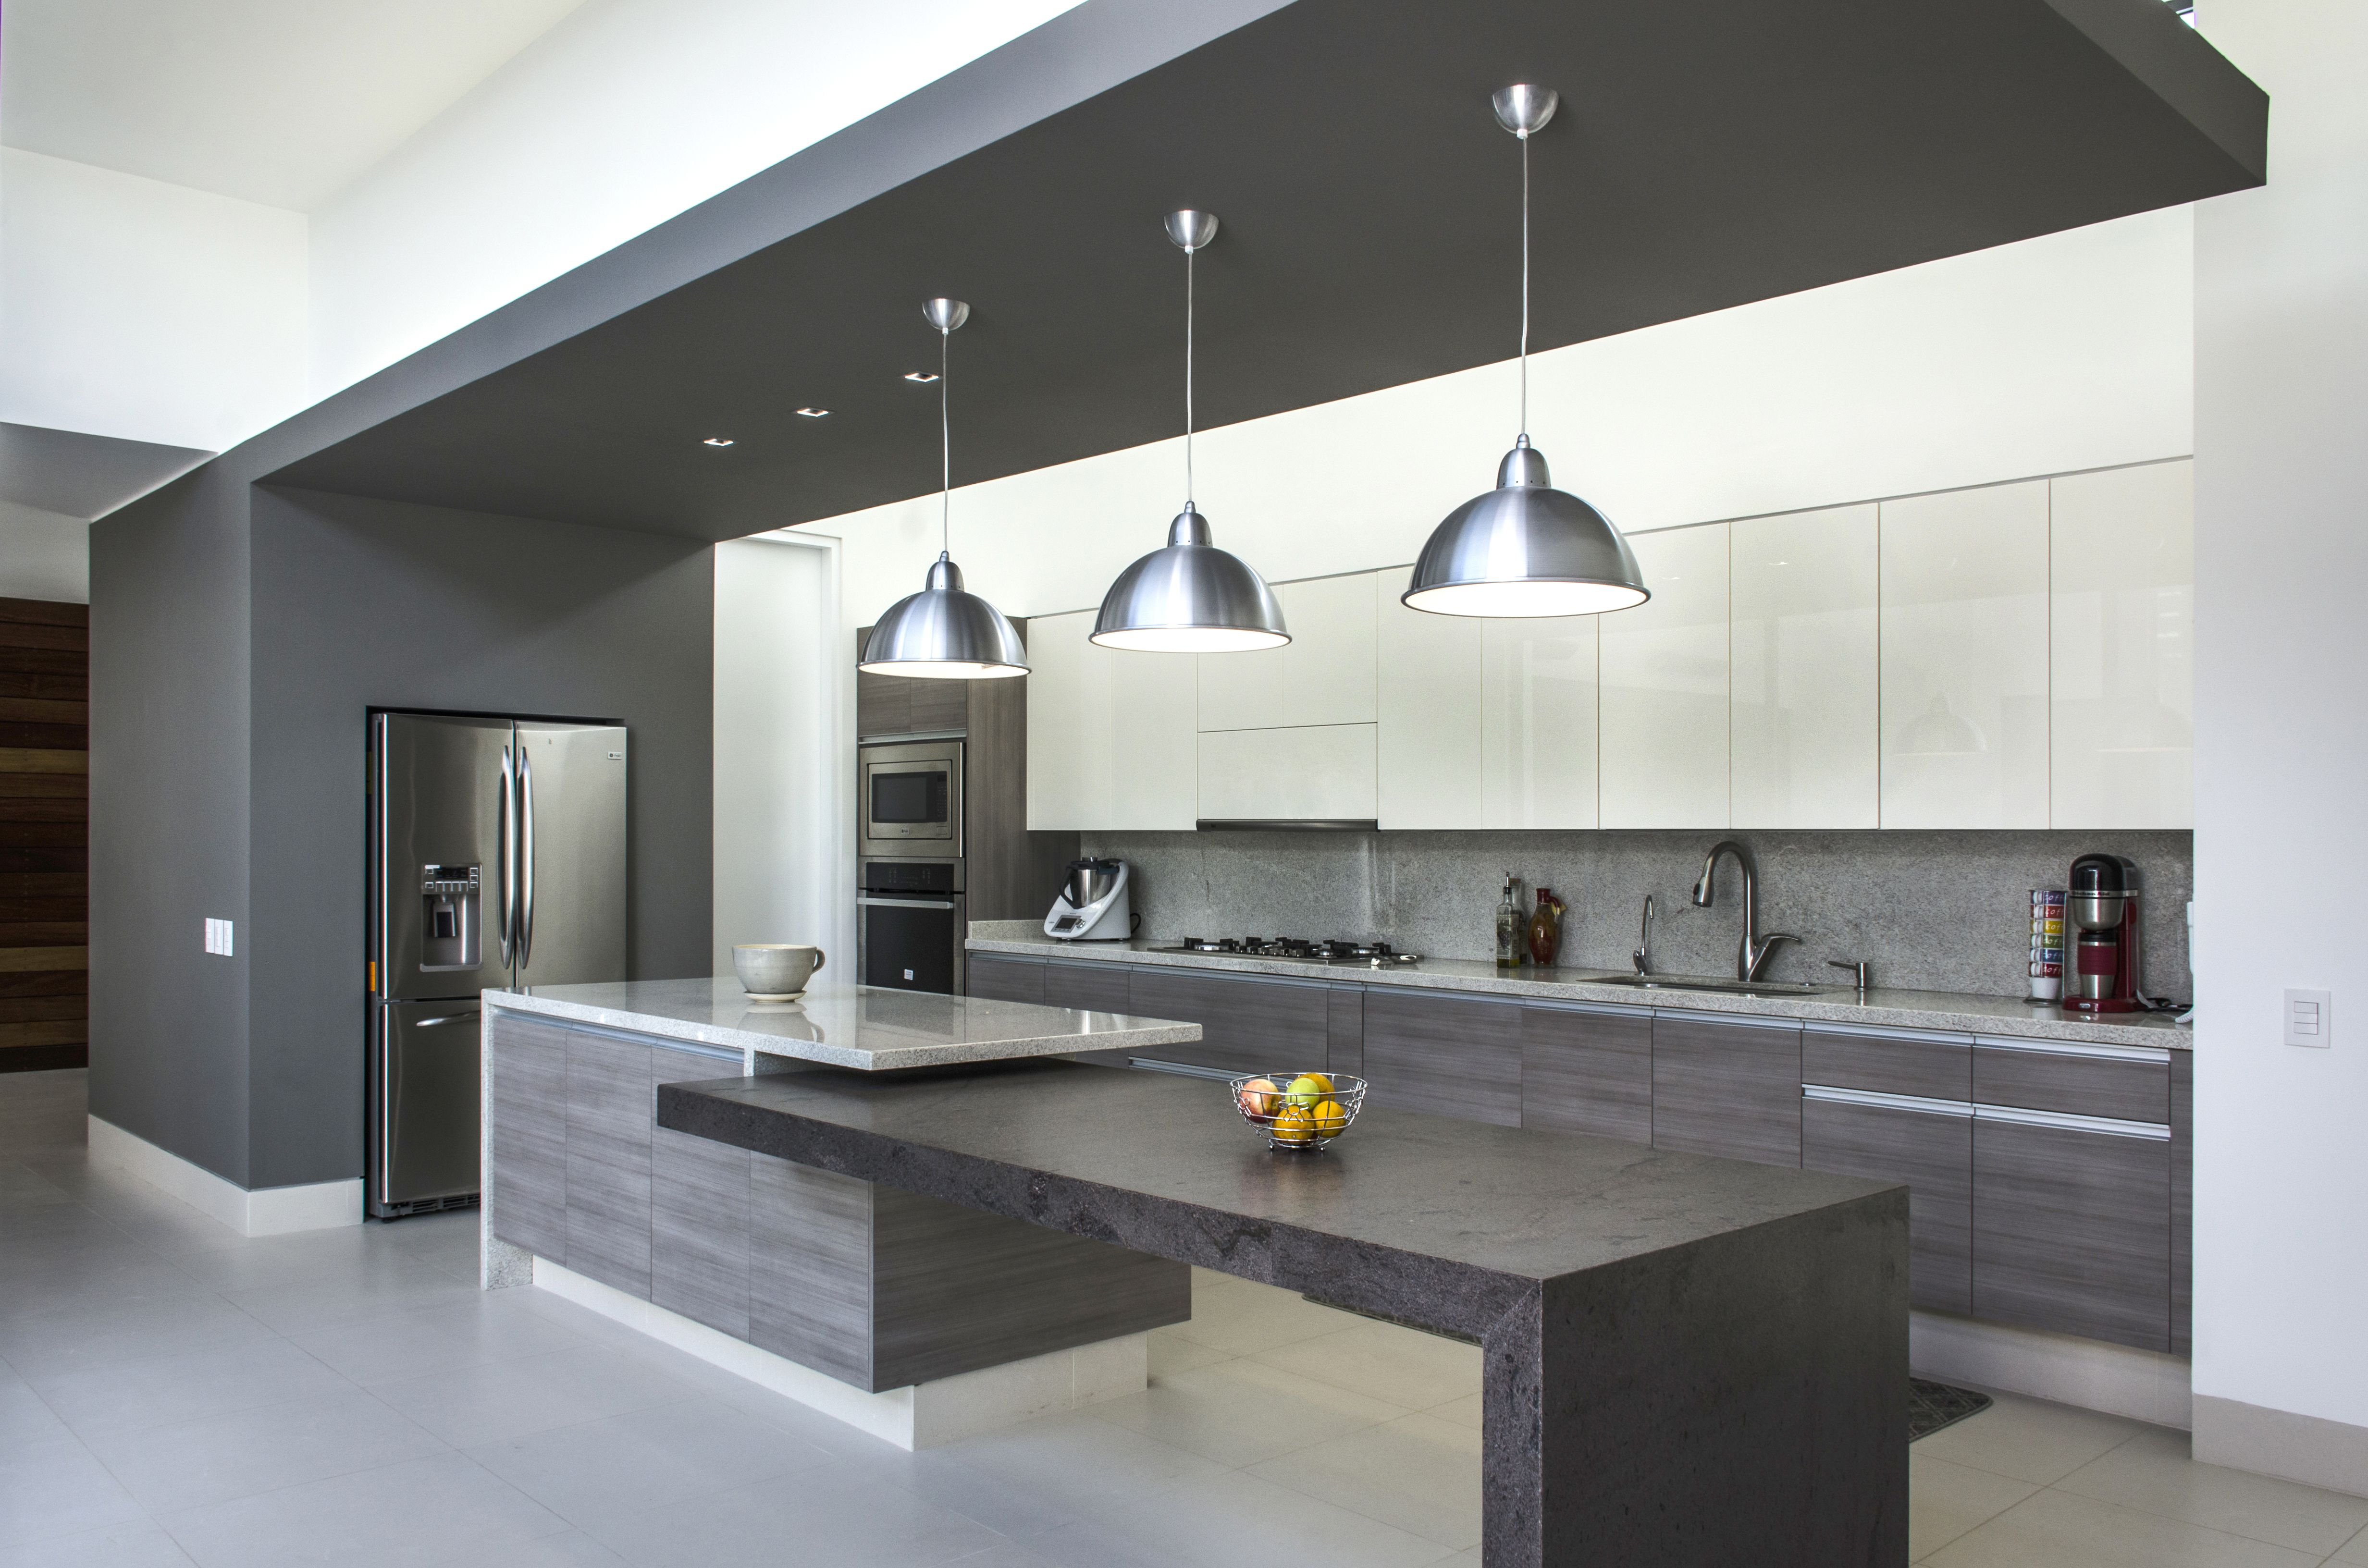 Cocina con estilo y funcional cocinas integrales m dul for Estilos de cocinas integrales modernas